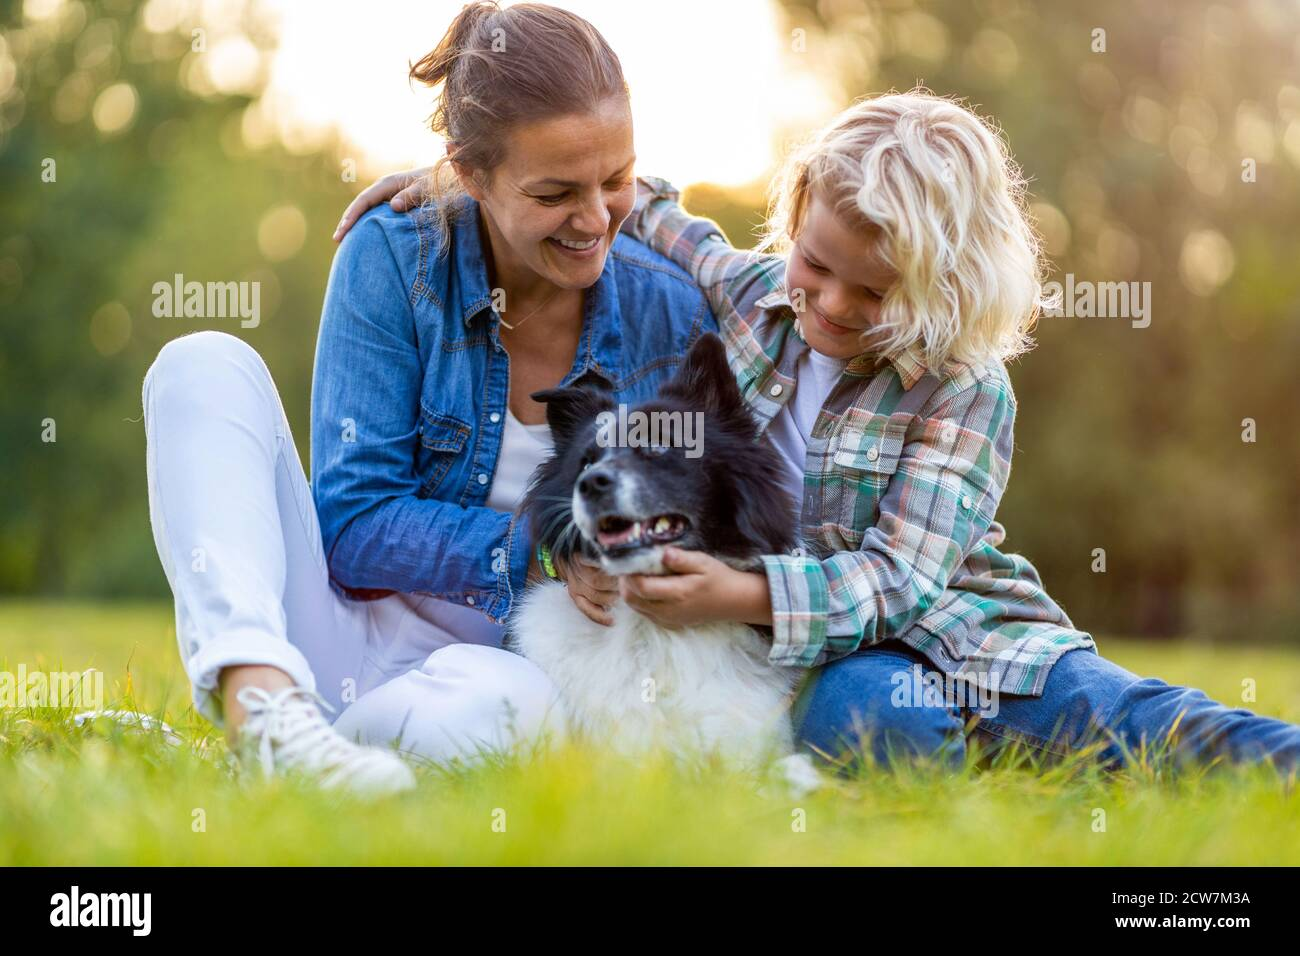 Glückliche Mutter und Sohn im Freien streicheln ihren Hund Stockfoto